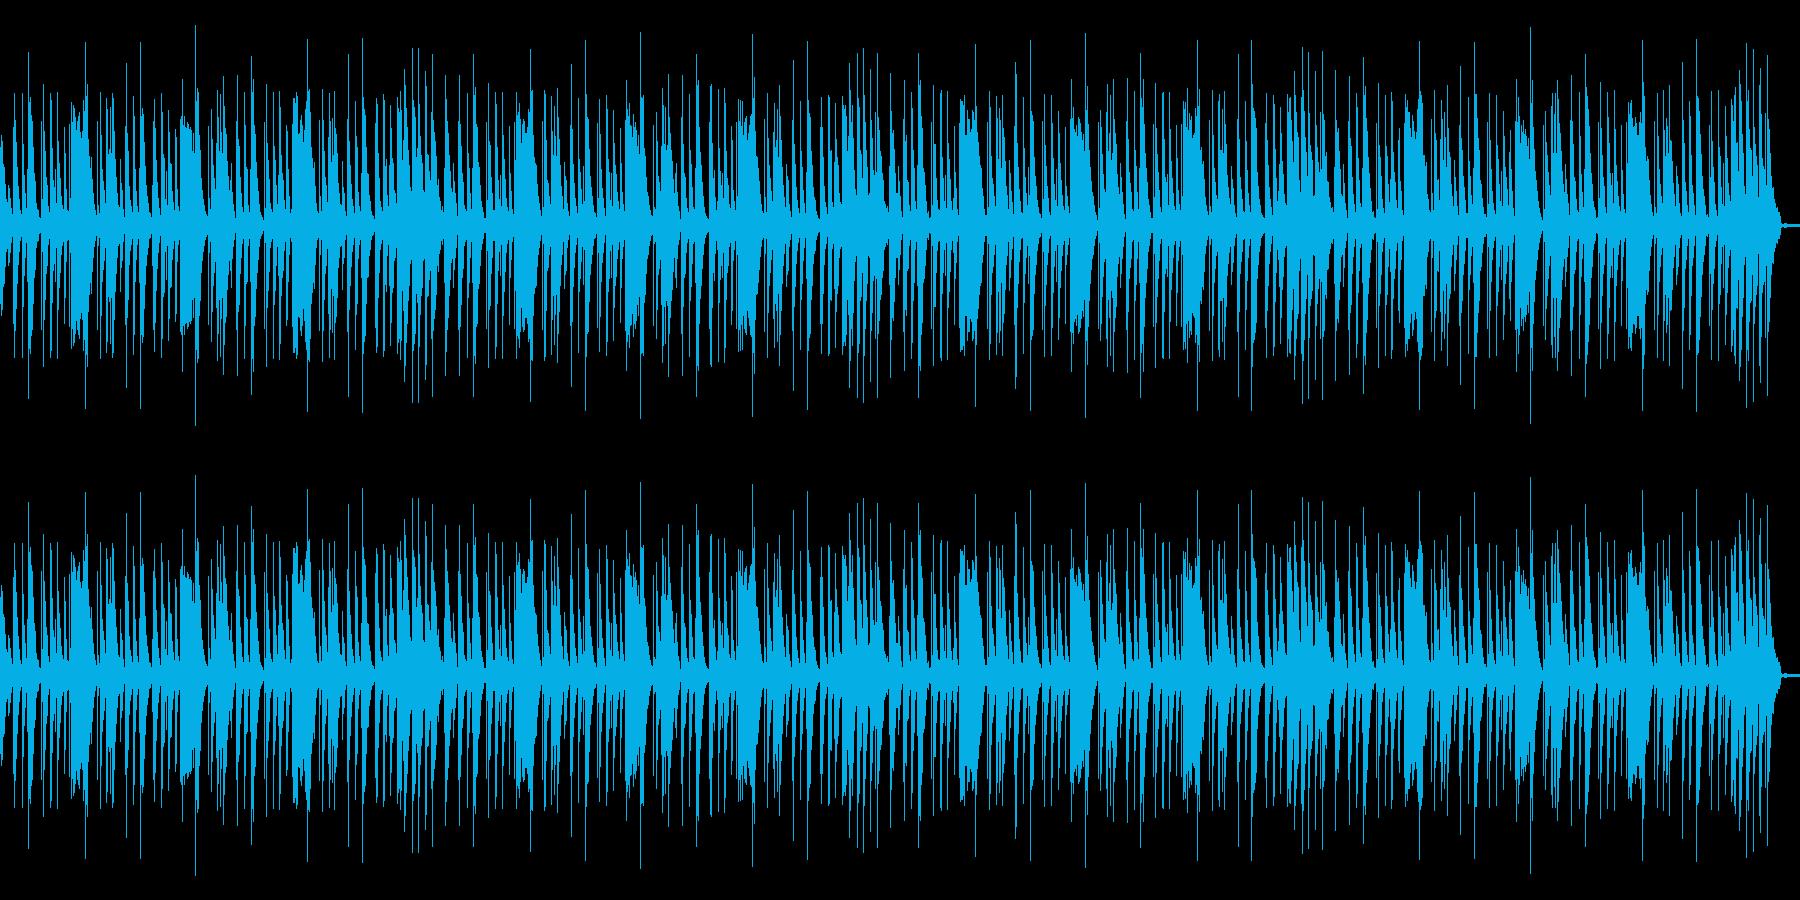 ローファイリズムループの再生済みの波形